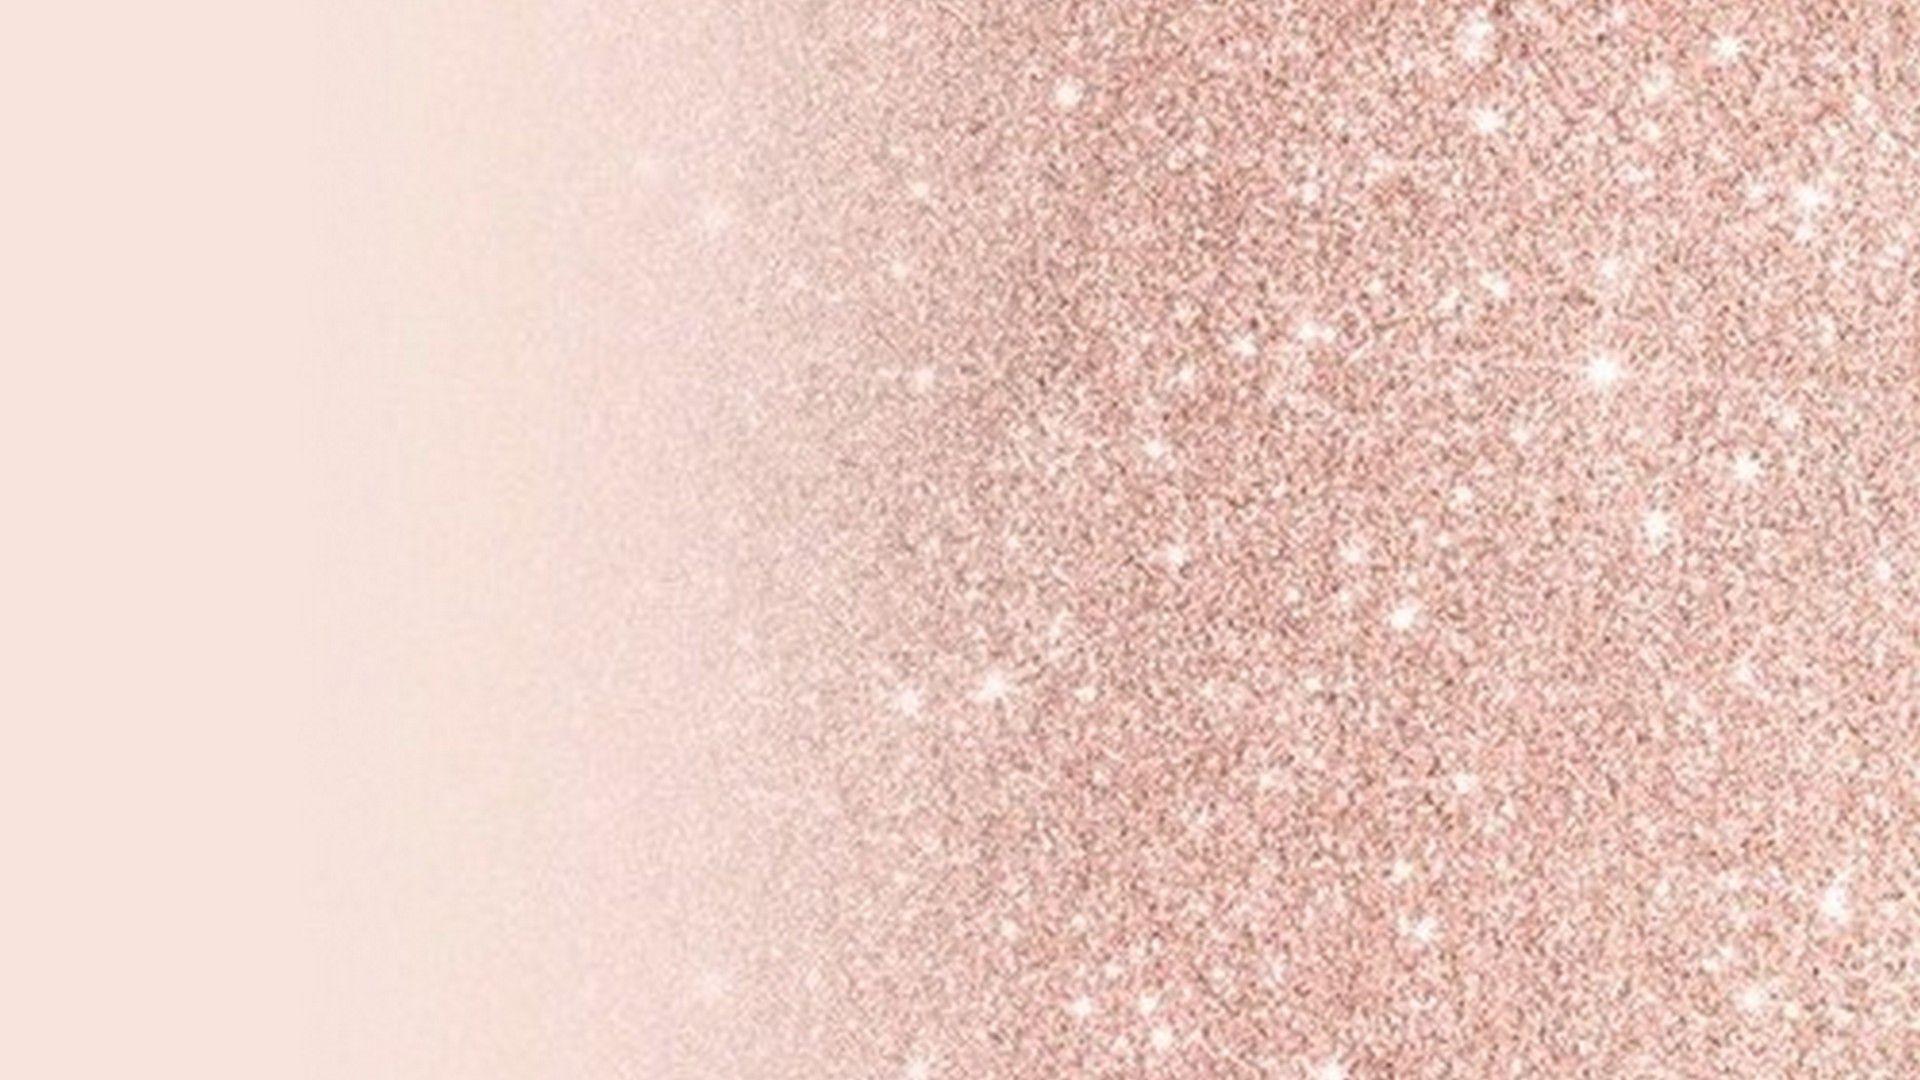 Wallpaper Rose Gold Glitter Desktop | Best HD Wallpapers ...